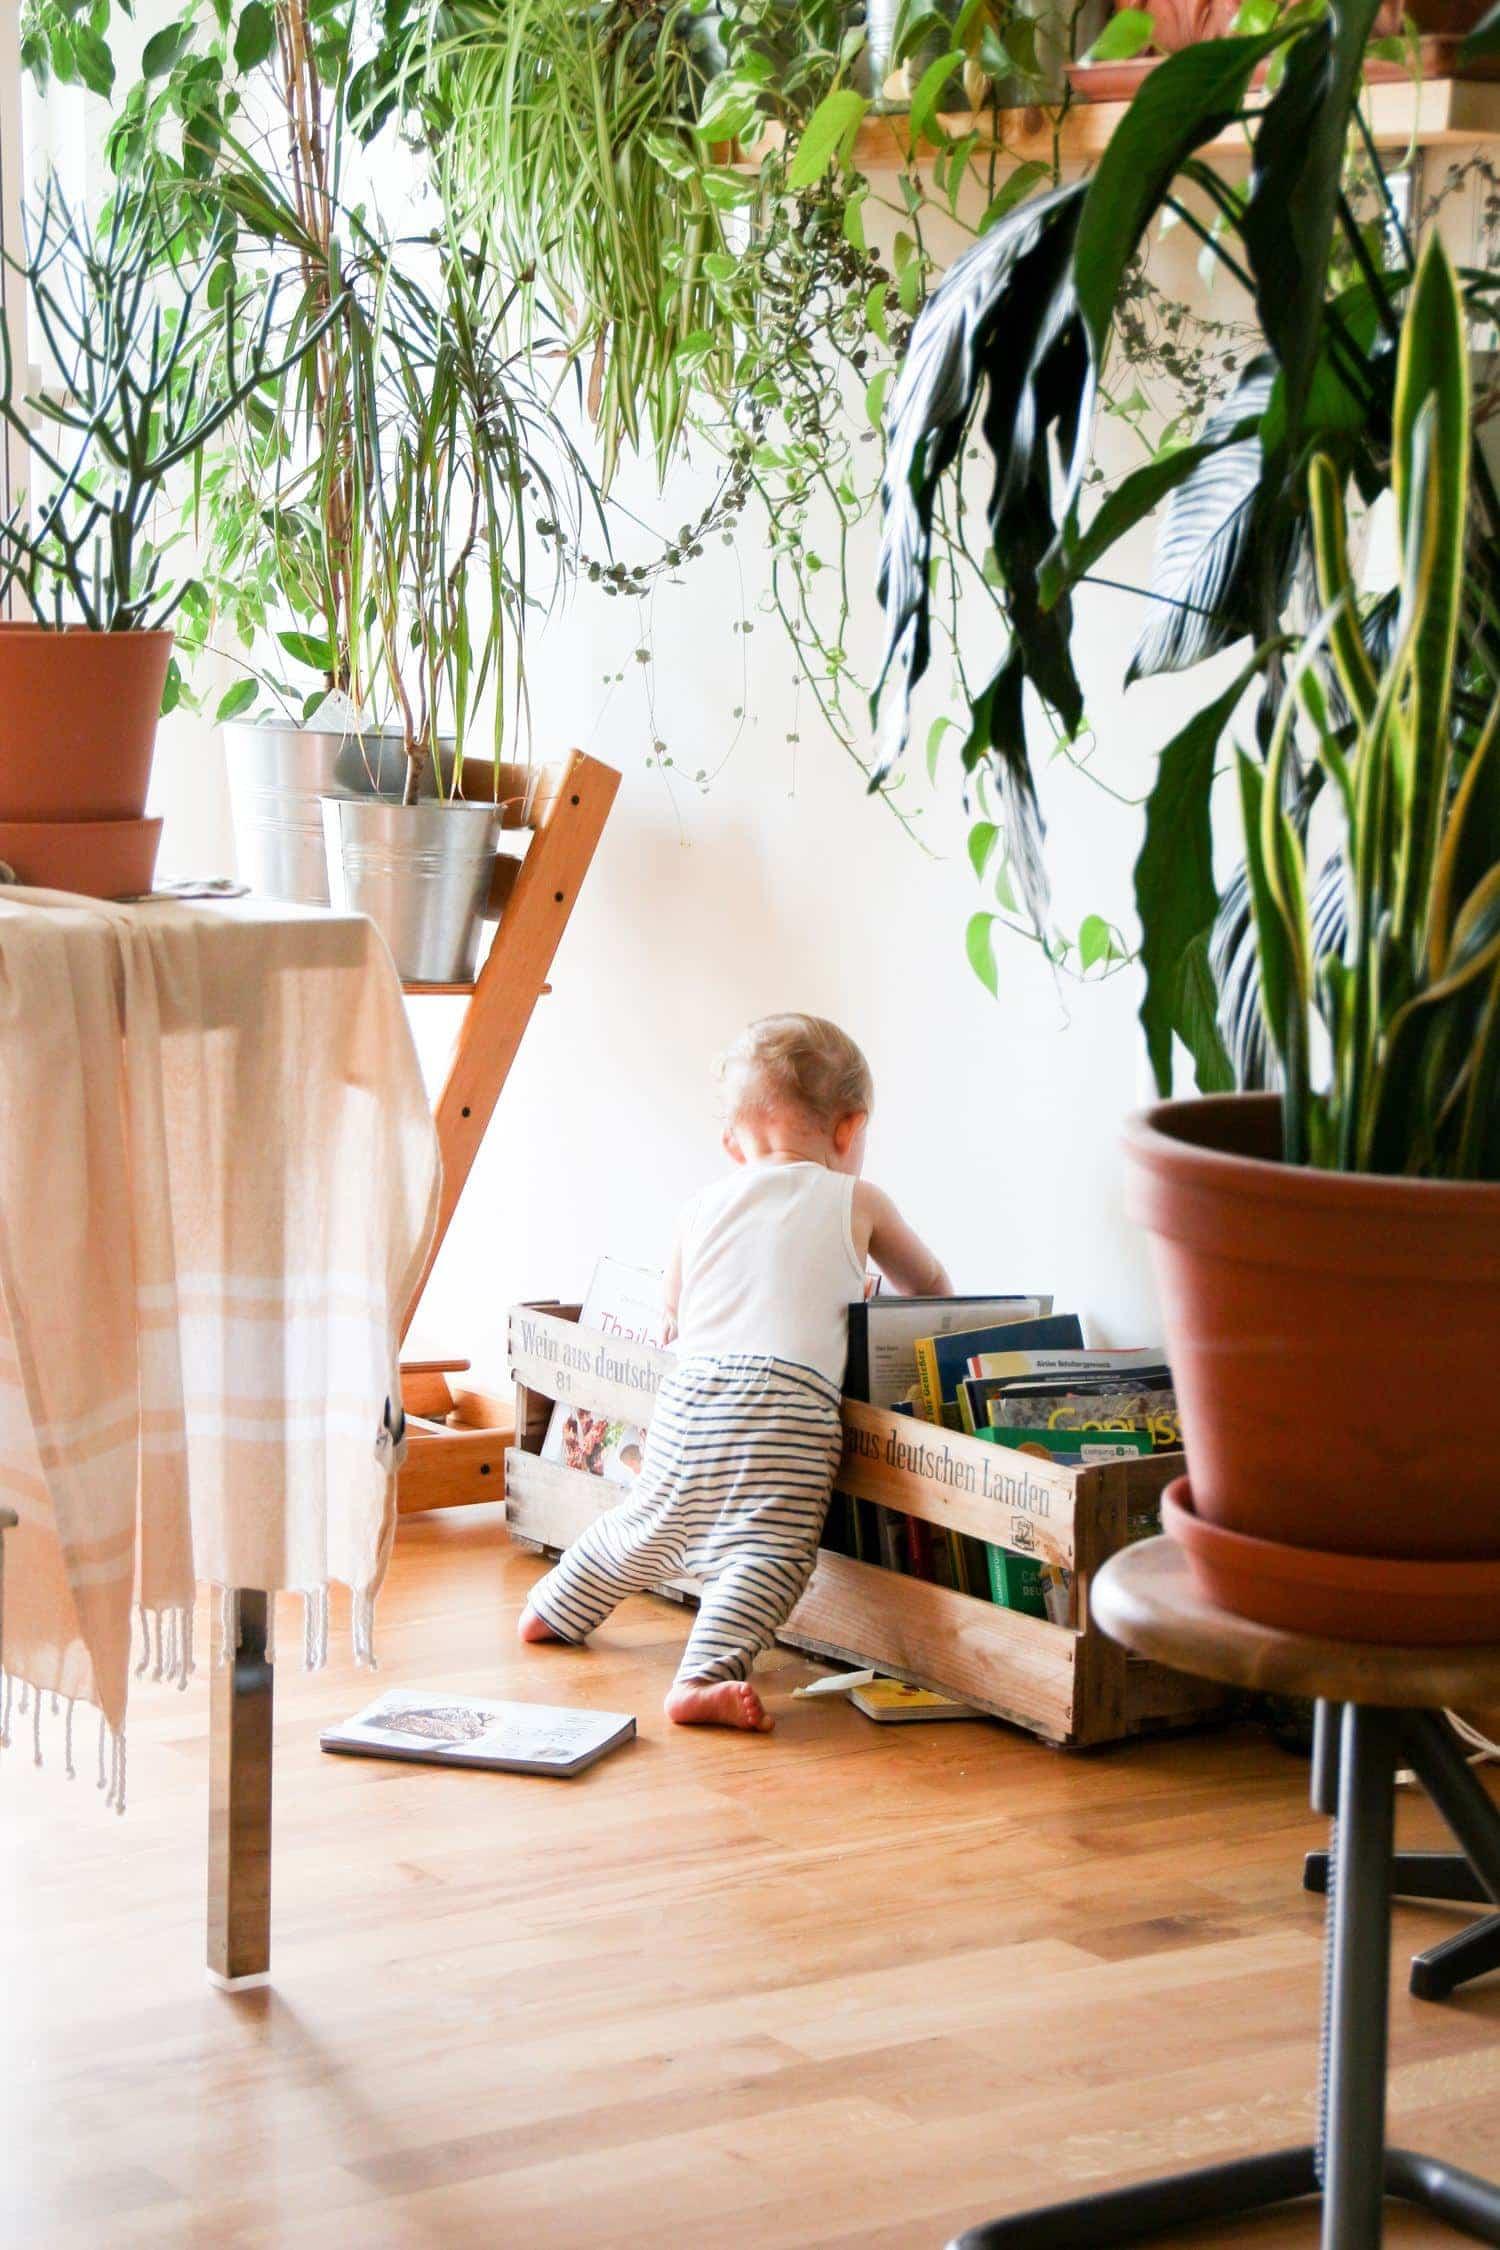 fotografía bebé explorando libros